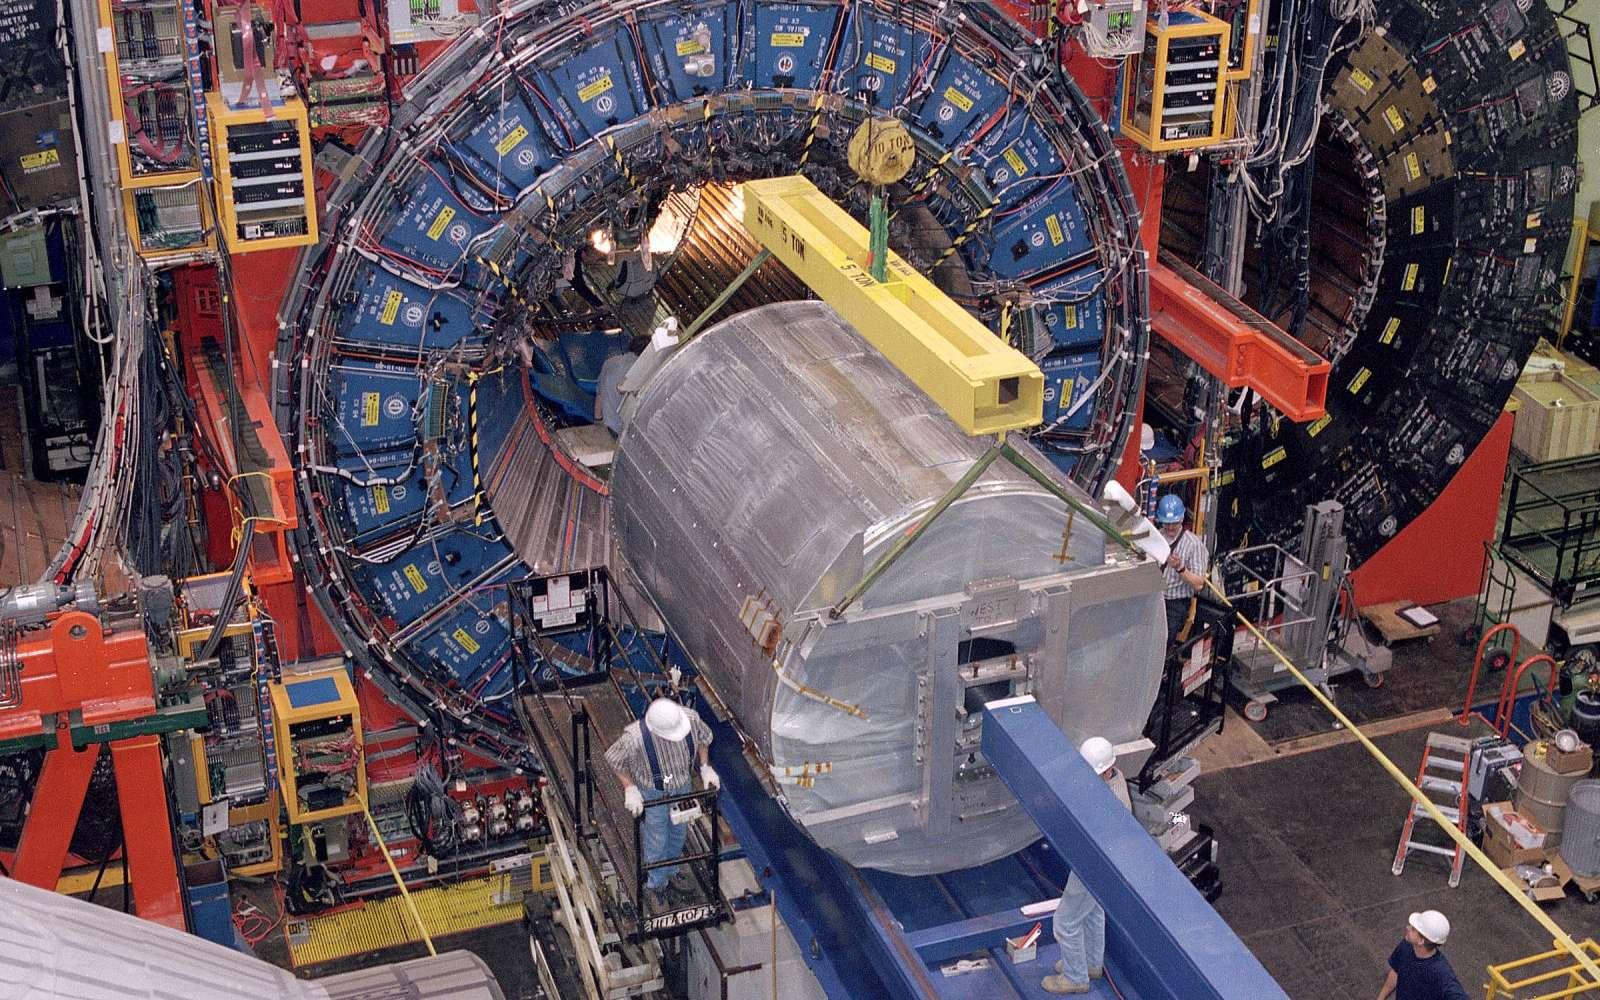 Un vue du détecteur CDF, au Fermilab, où ont lieu les collisions de faisceaux de protons et d'antiprotons. Crédit : Fermilab